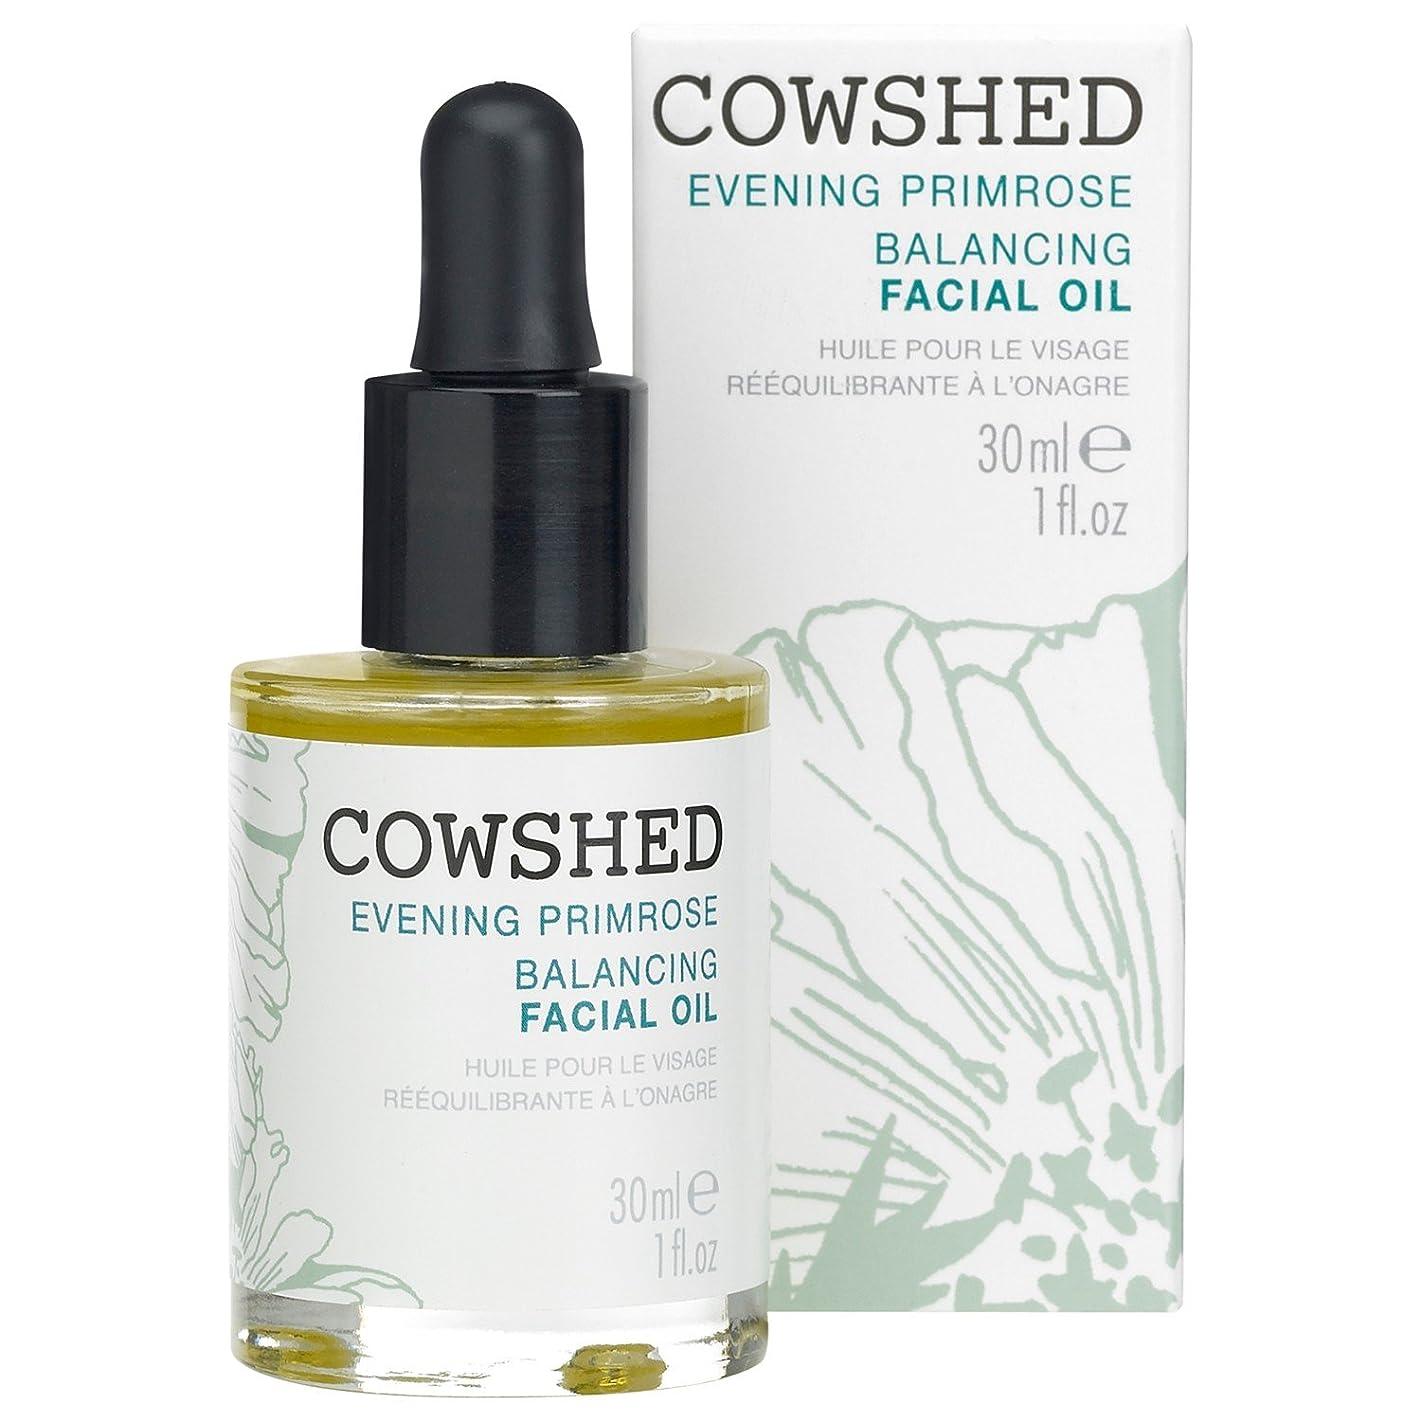 放射能すでにそんなにフェイシャルオイル30ミリリットルをバランス牛舎月見草 (Cowshed) (x2) - Cowshed Evening Primrose Balancing Facial Oil 30ml (Pack of 2) [並行輸入品]